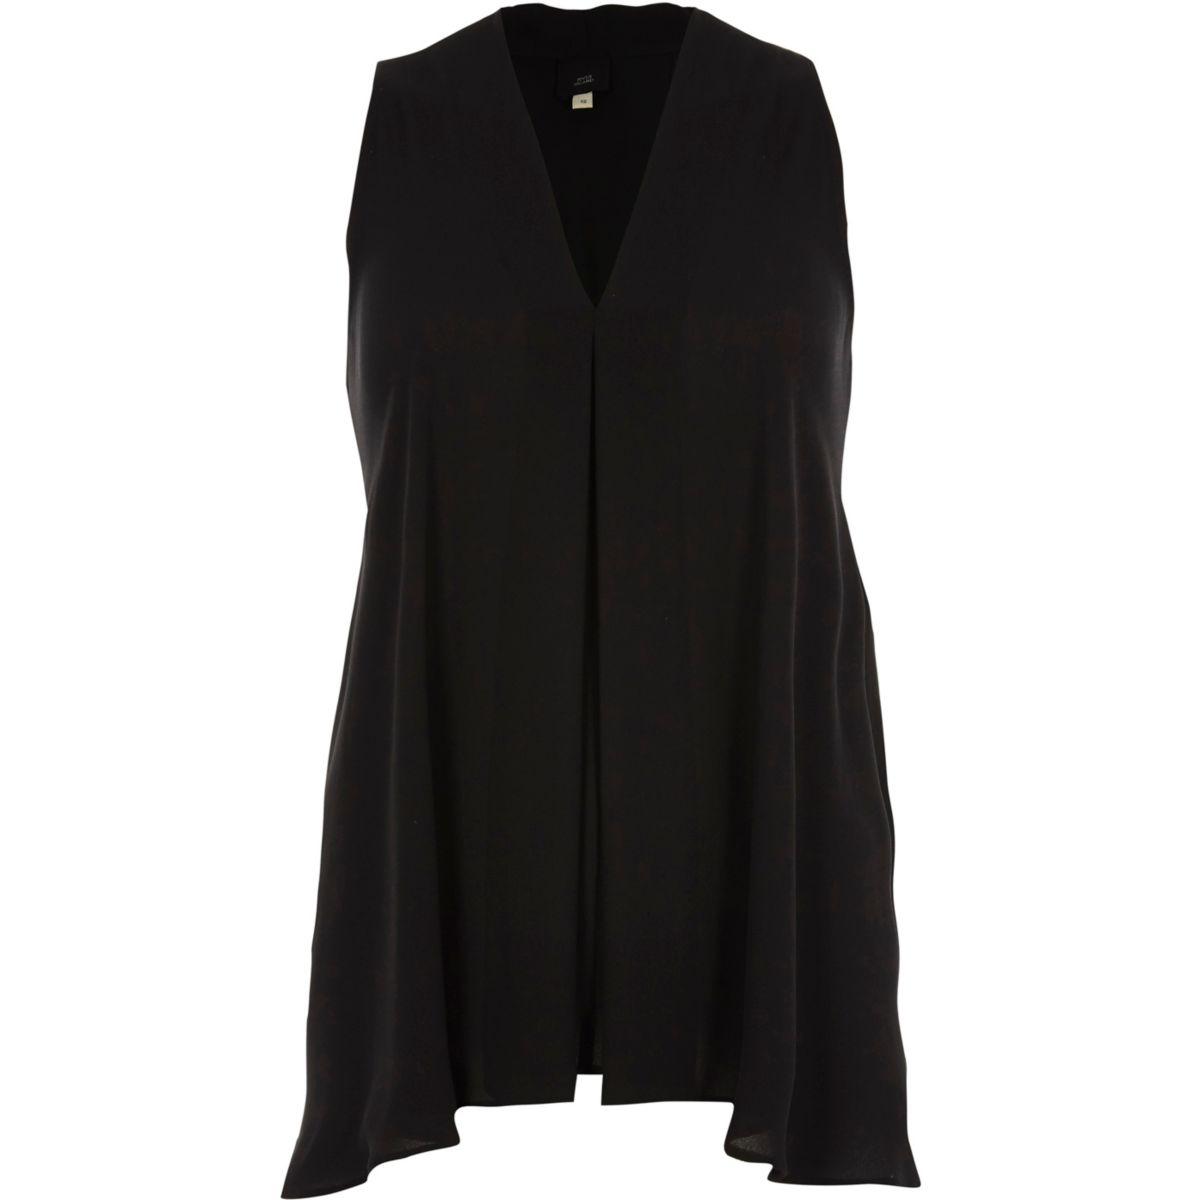 Black V neck sleeveless swing blouse